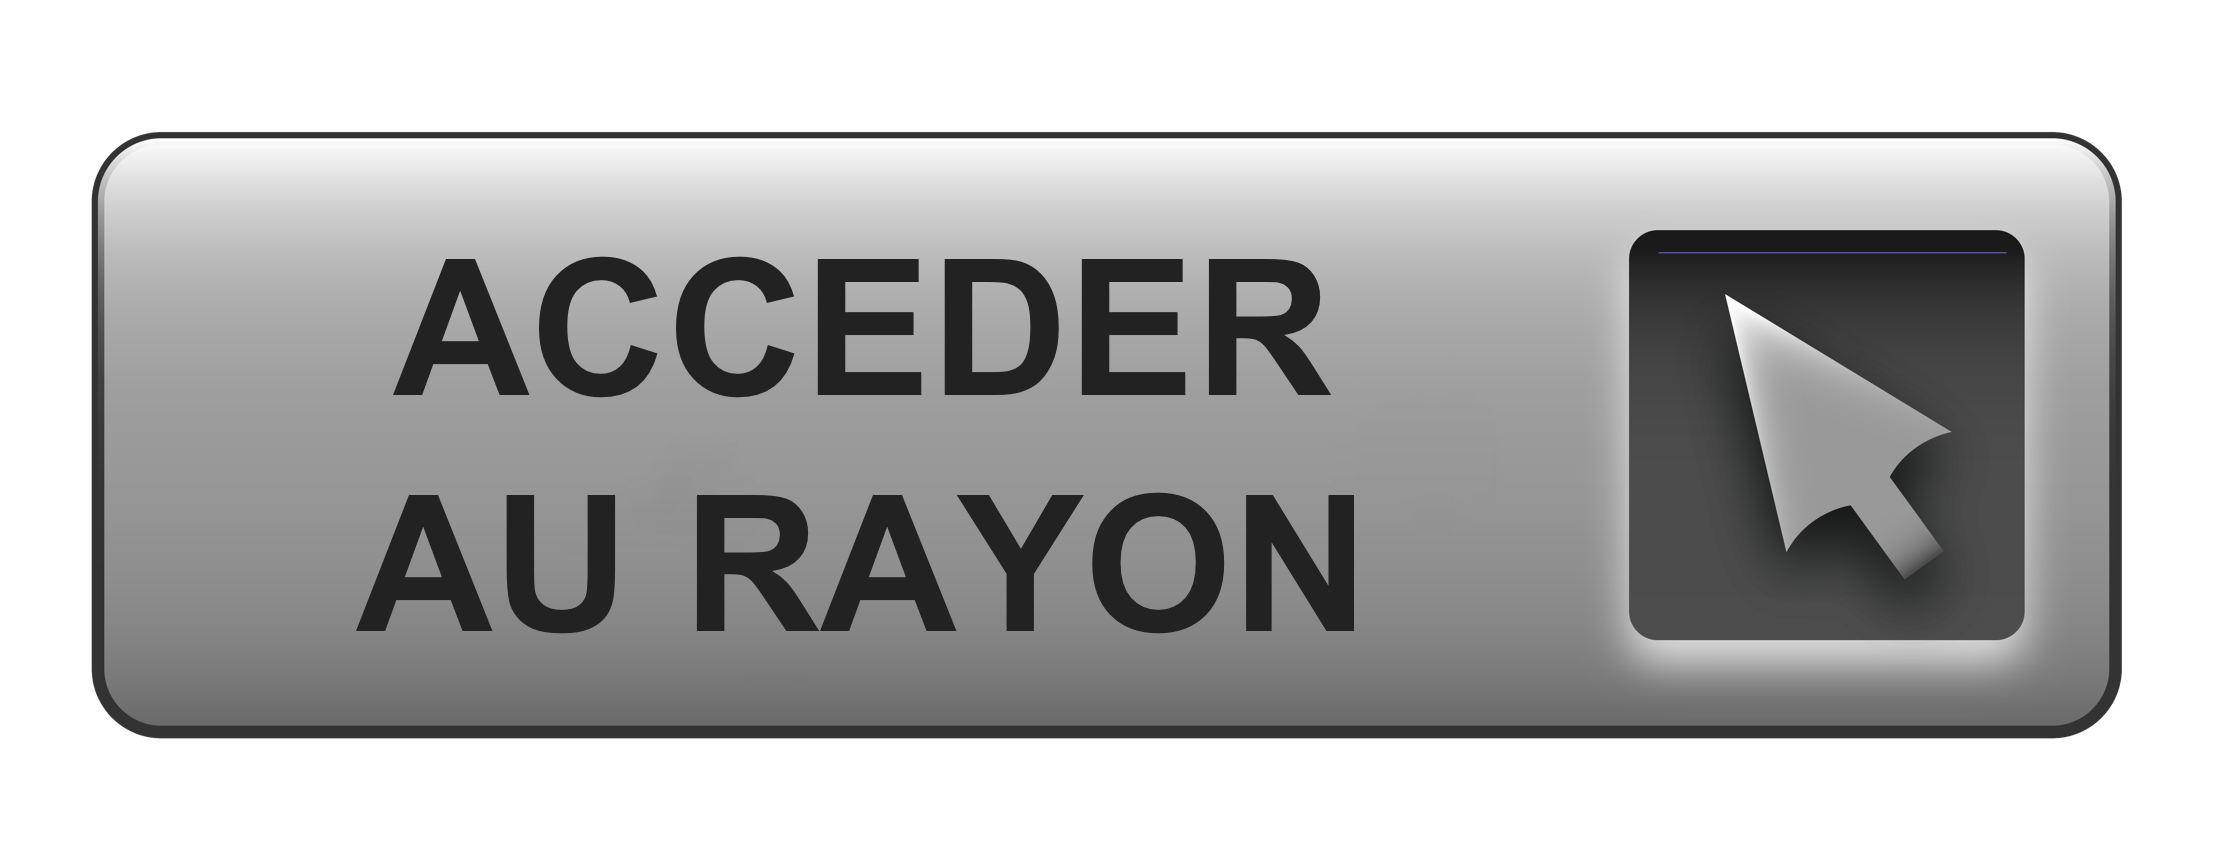 ACCEDER_AU_RAYON